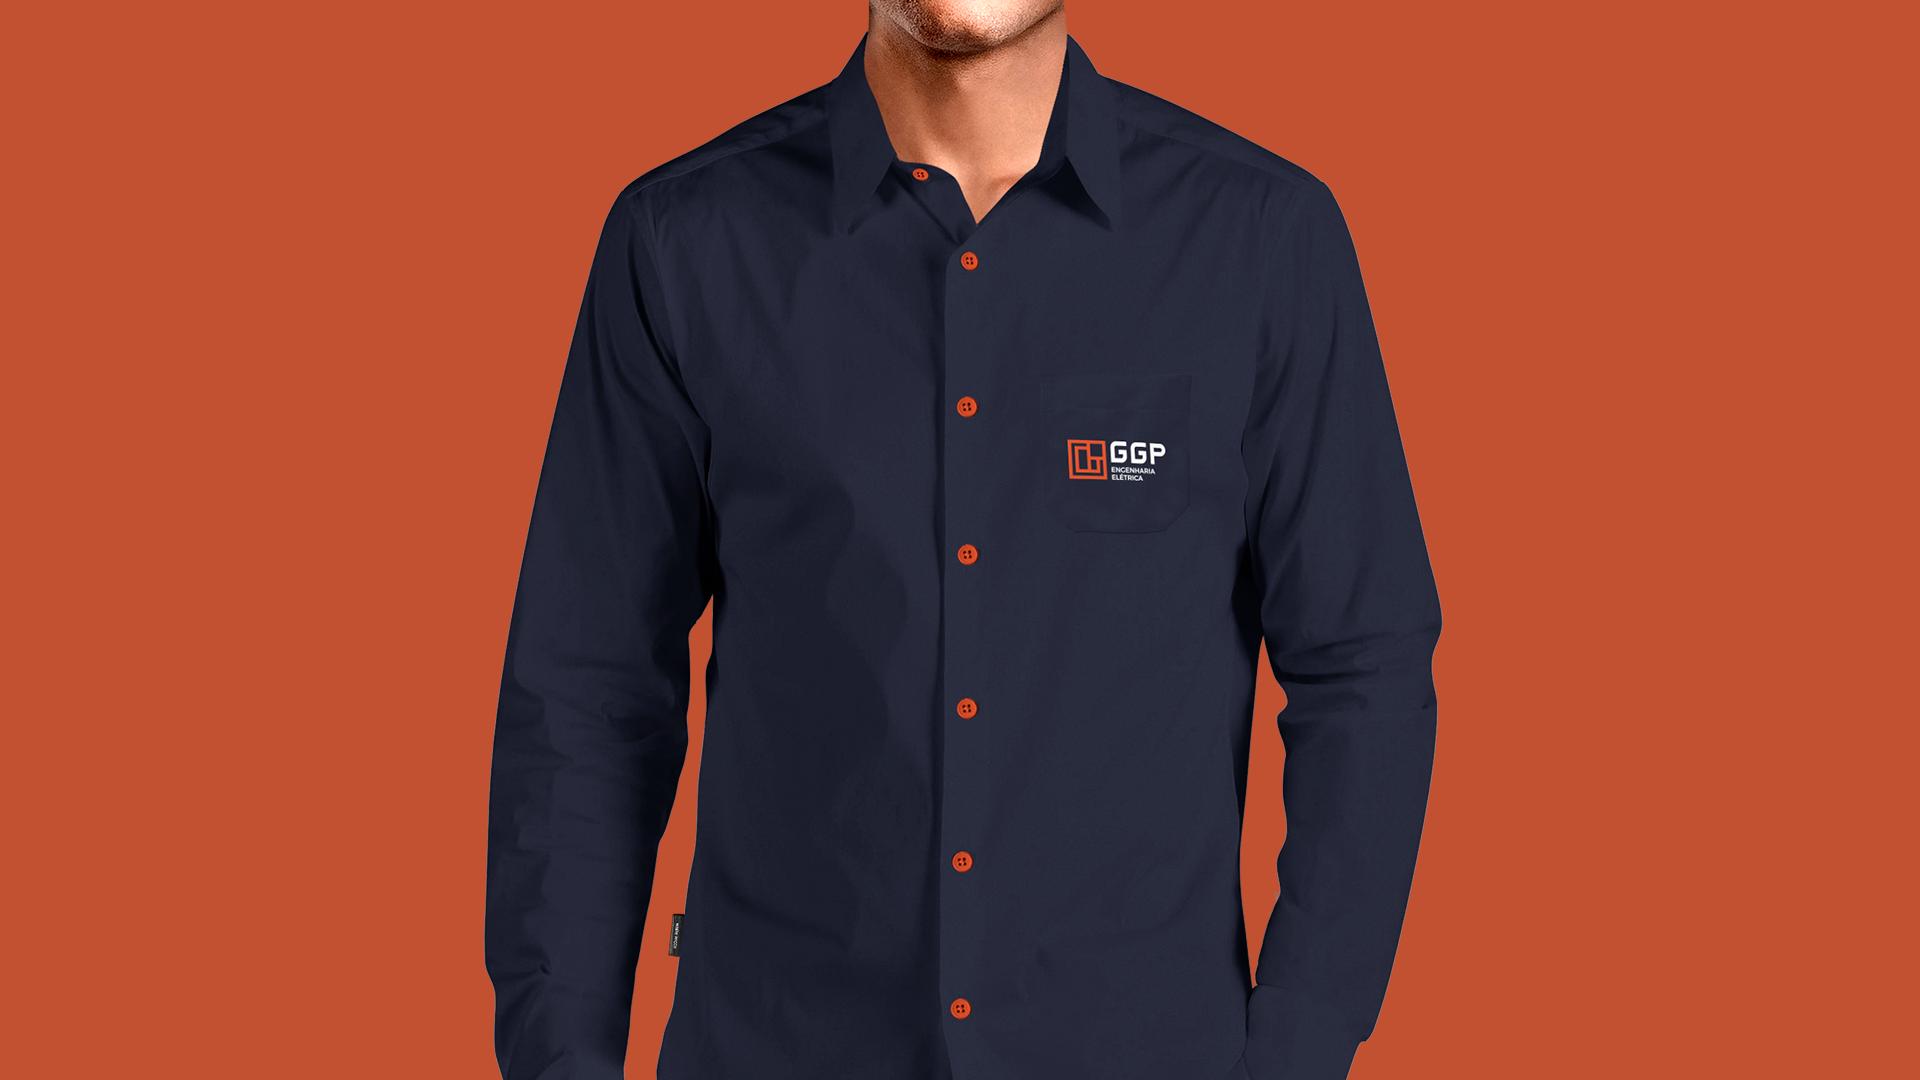 uniforme_portfolio_branding_criação_de_m